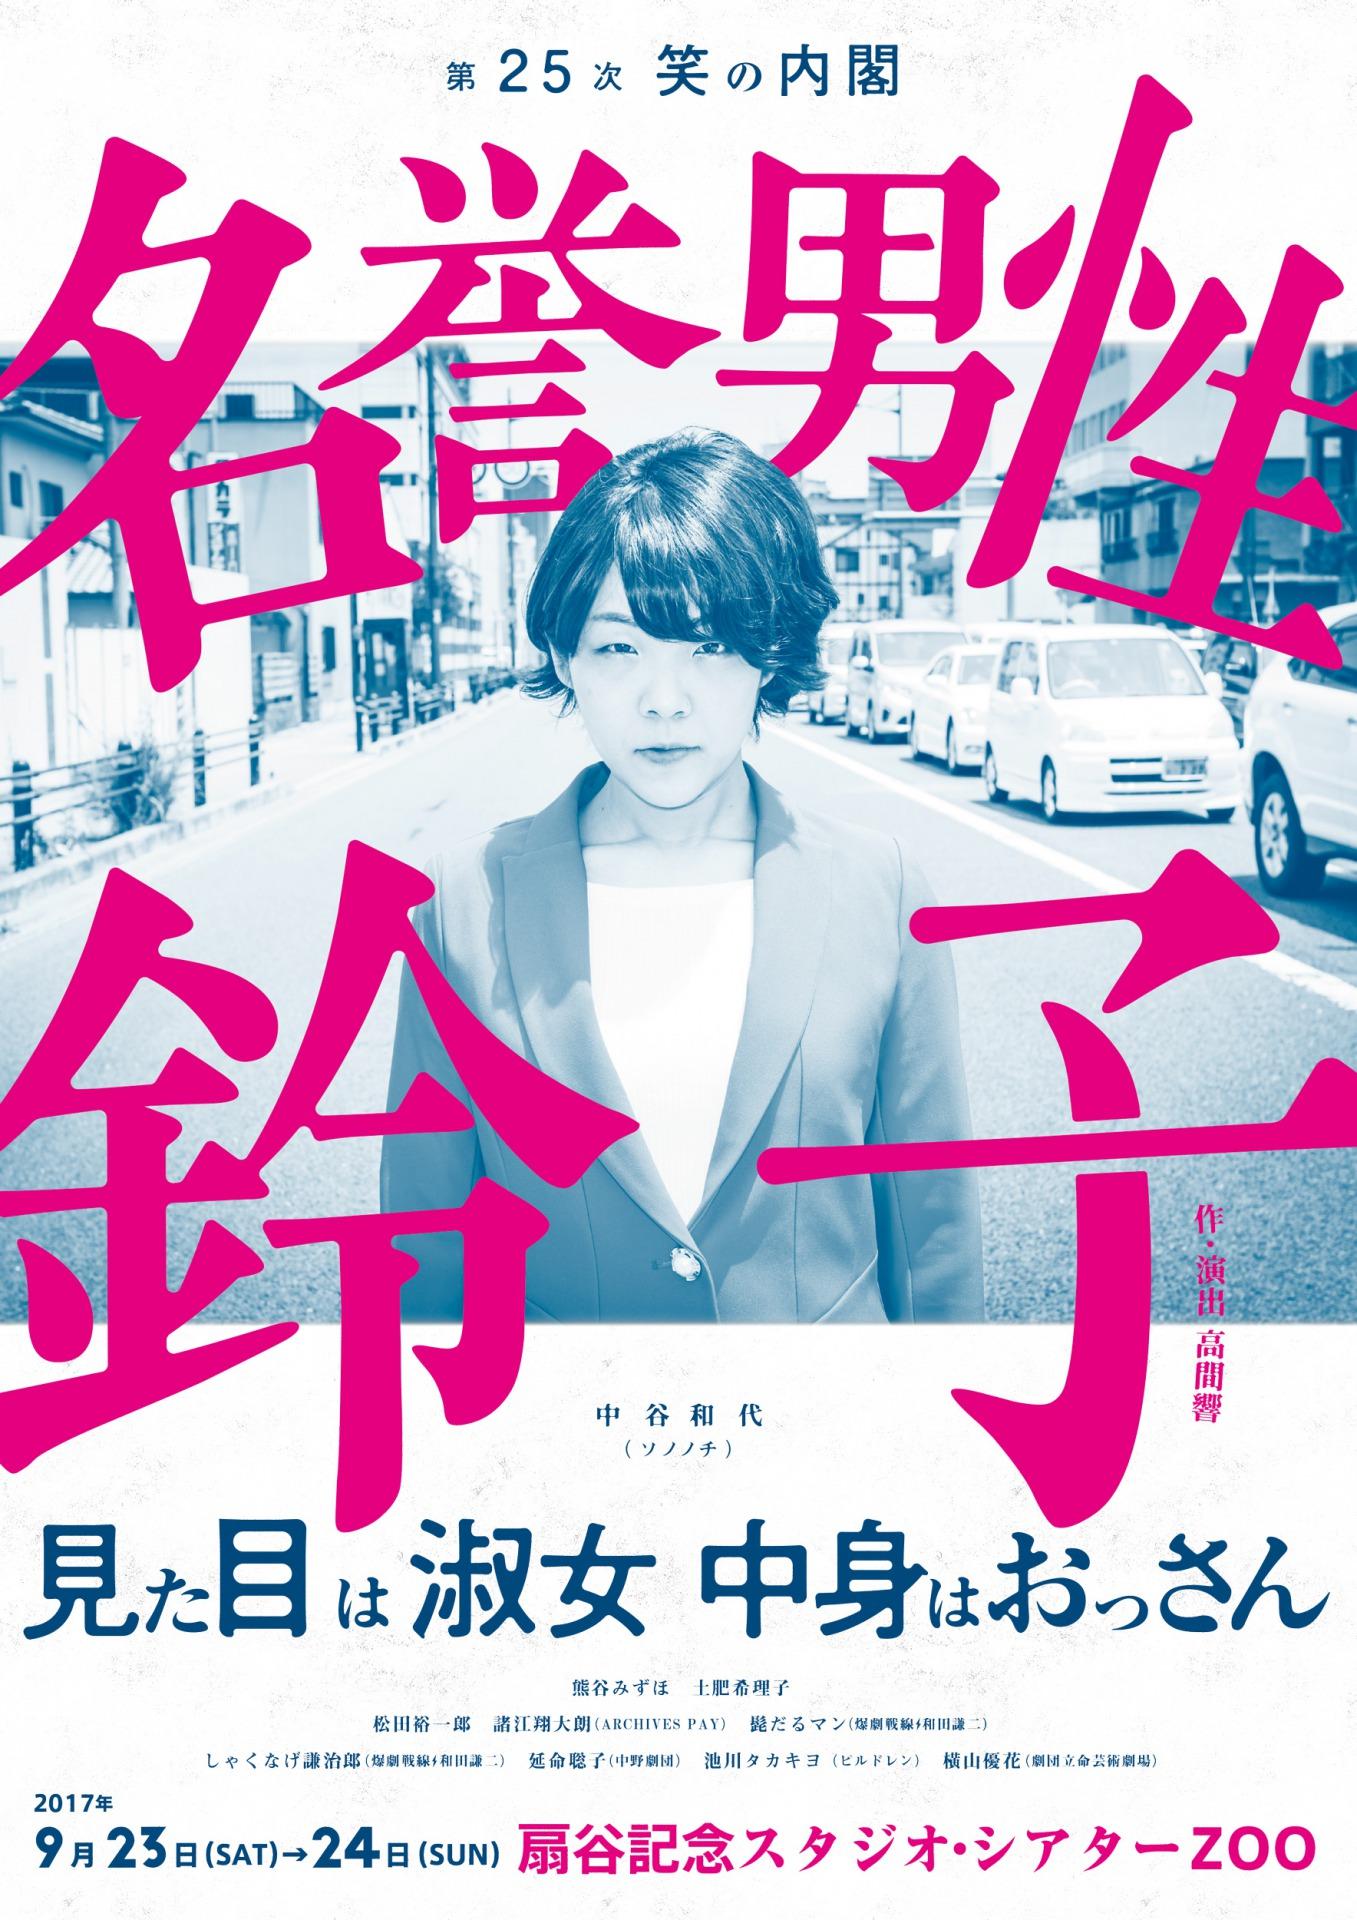 【9月23日19:00】第25次笑の内閣『名誉男性鈴子』(札幌公演)